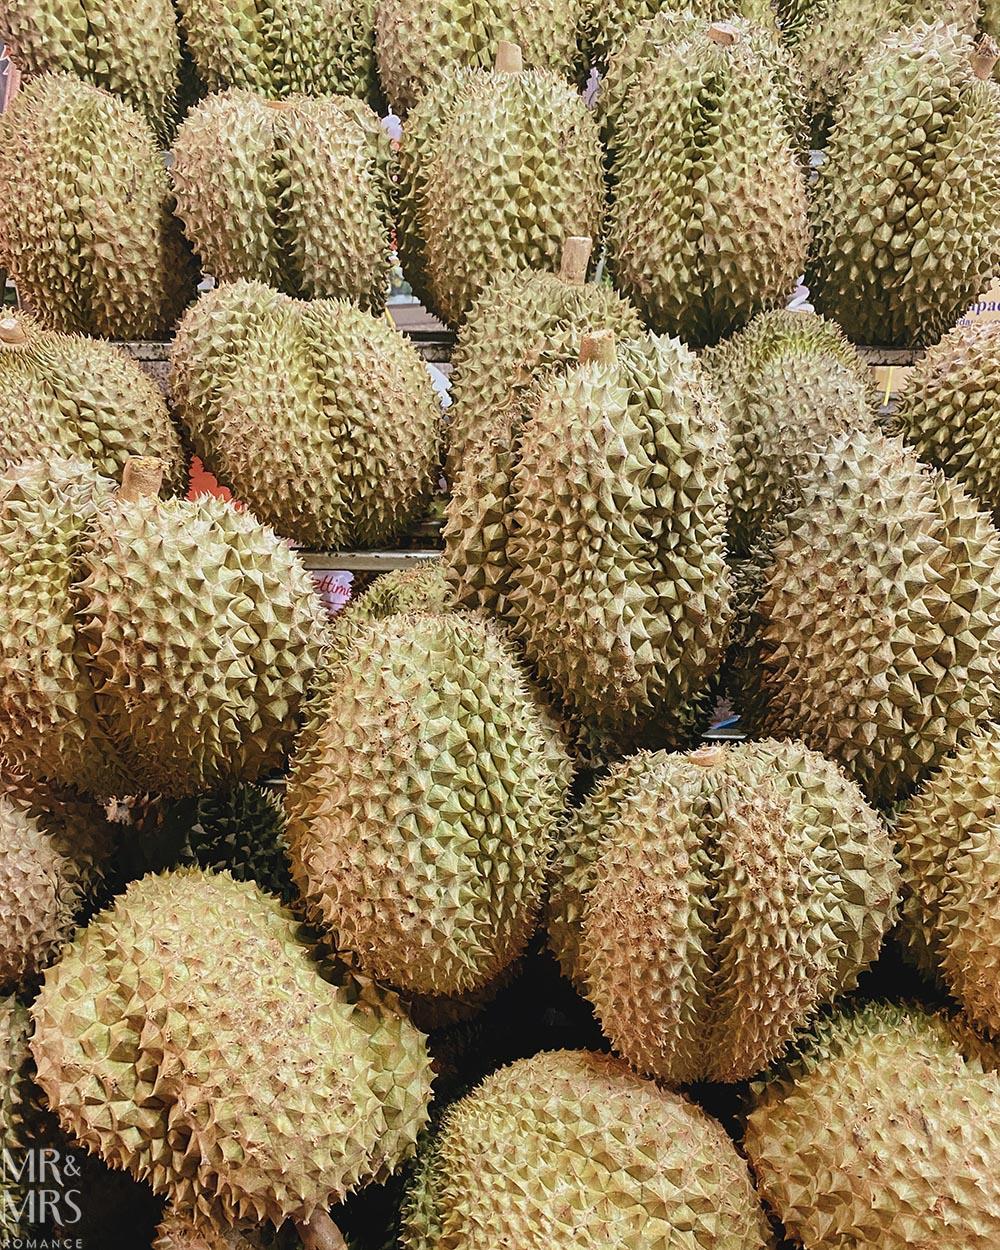 Yoawarat - Bangkok Chinatown - durian